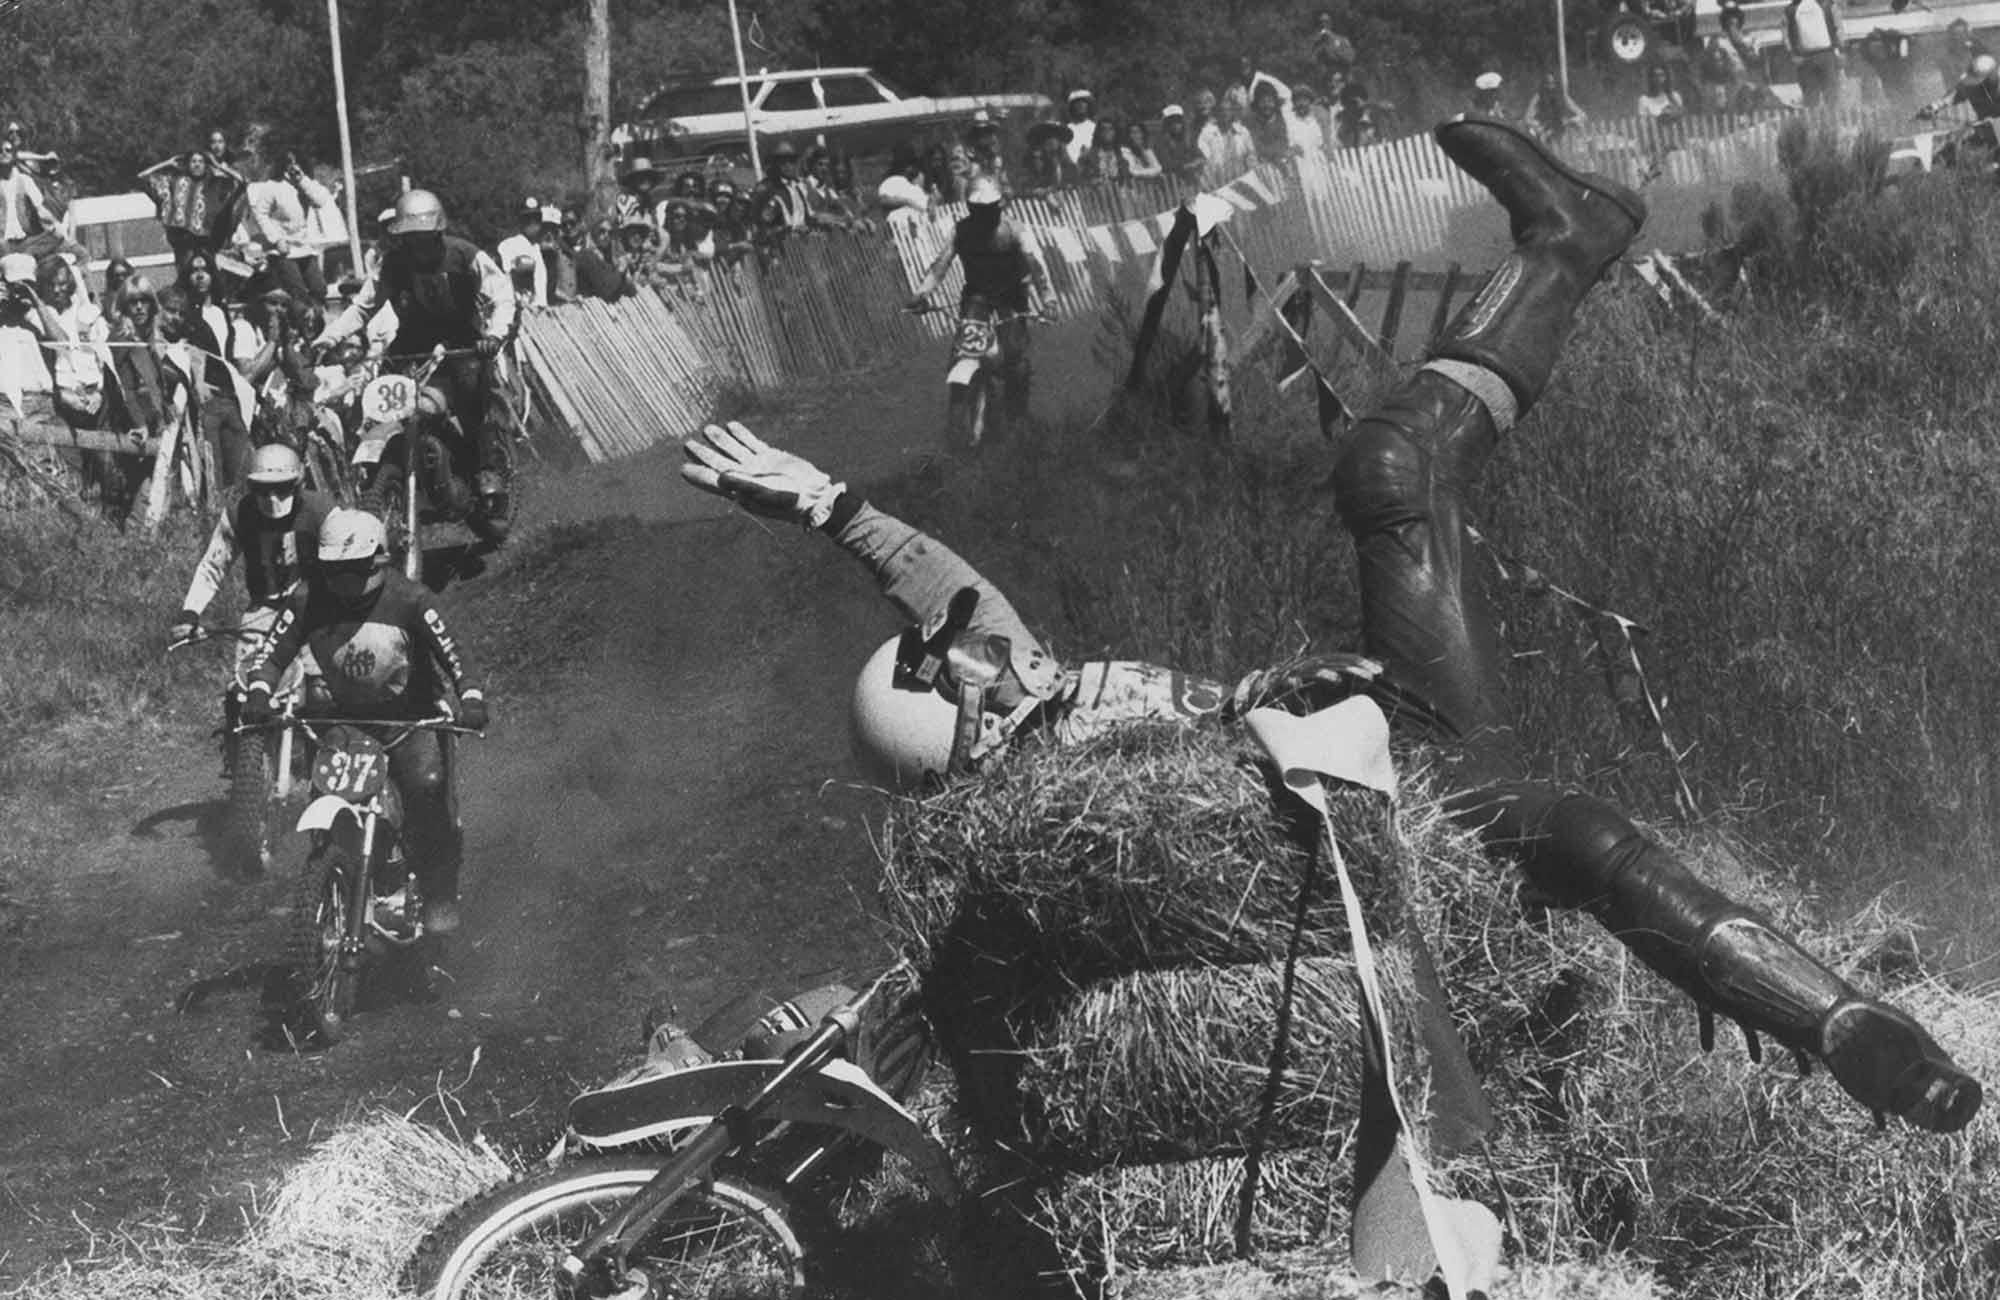 Sidewinder 1 & Bullfighter